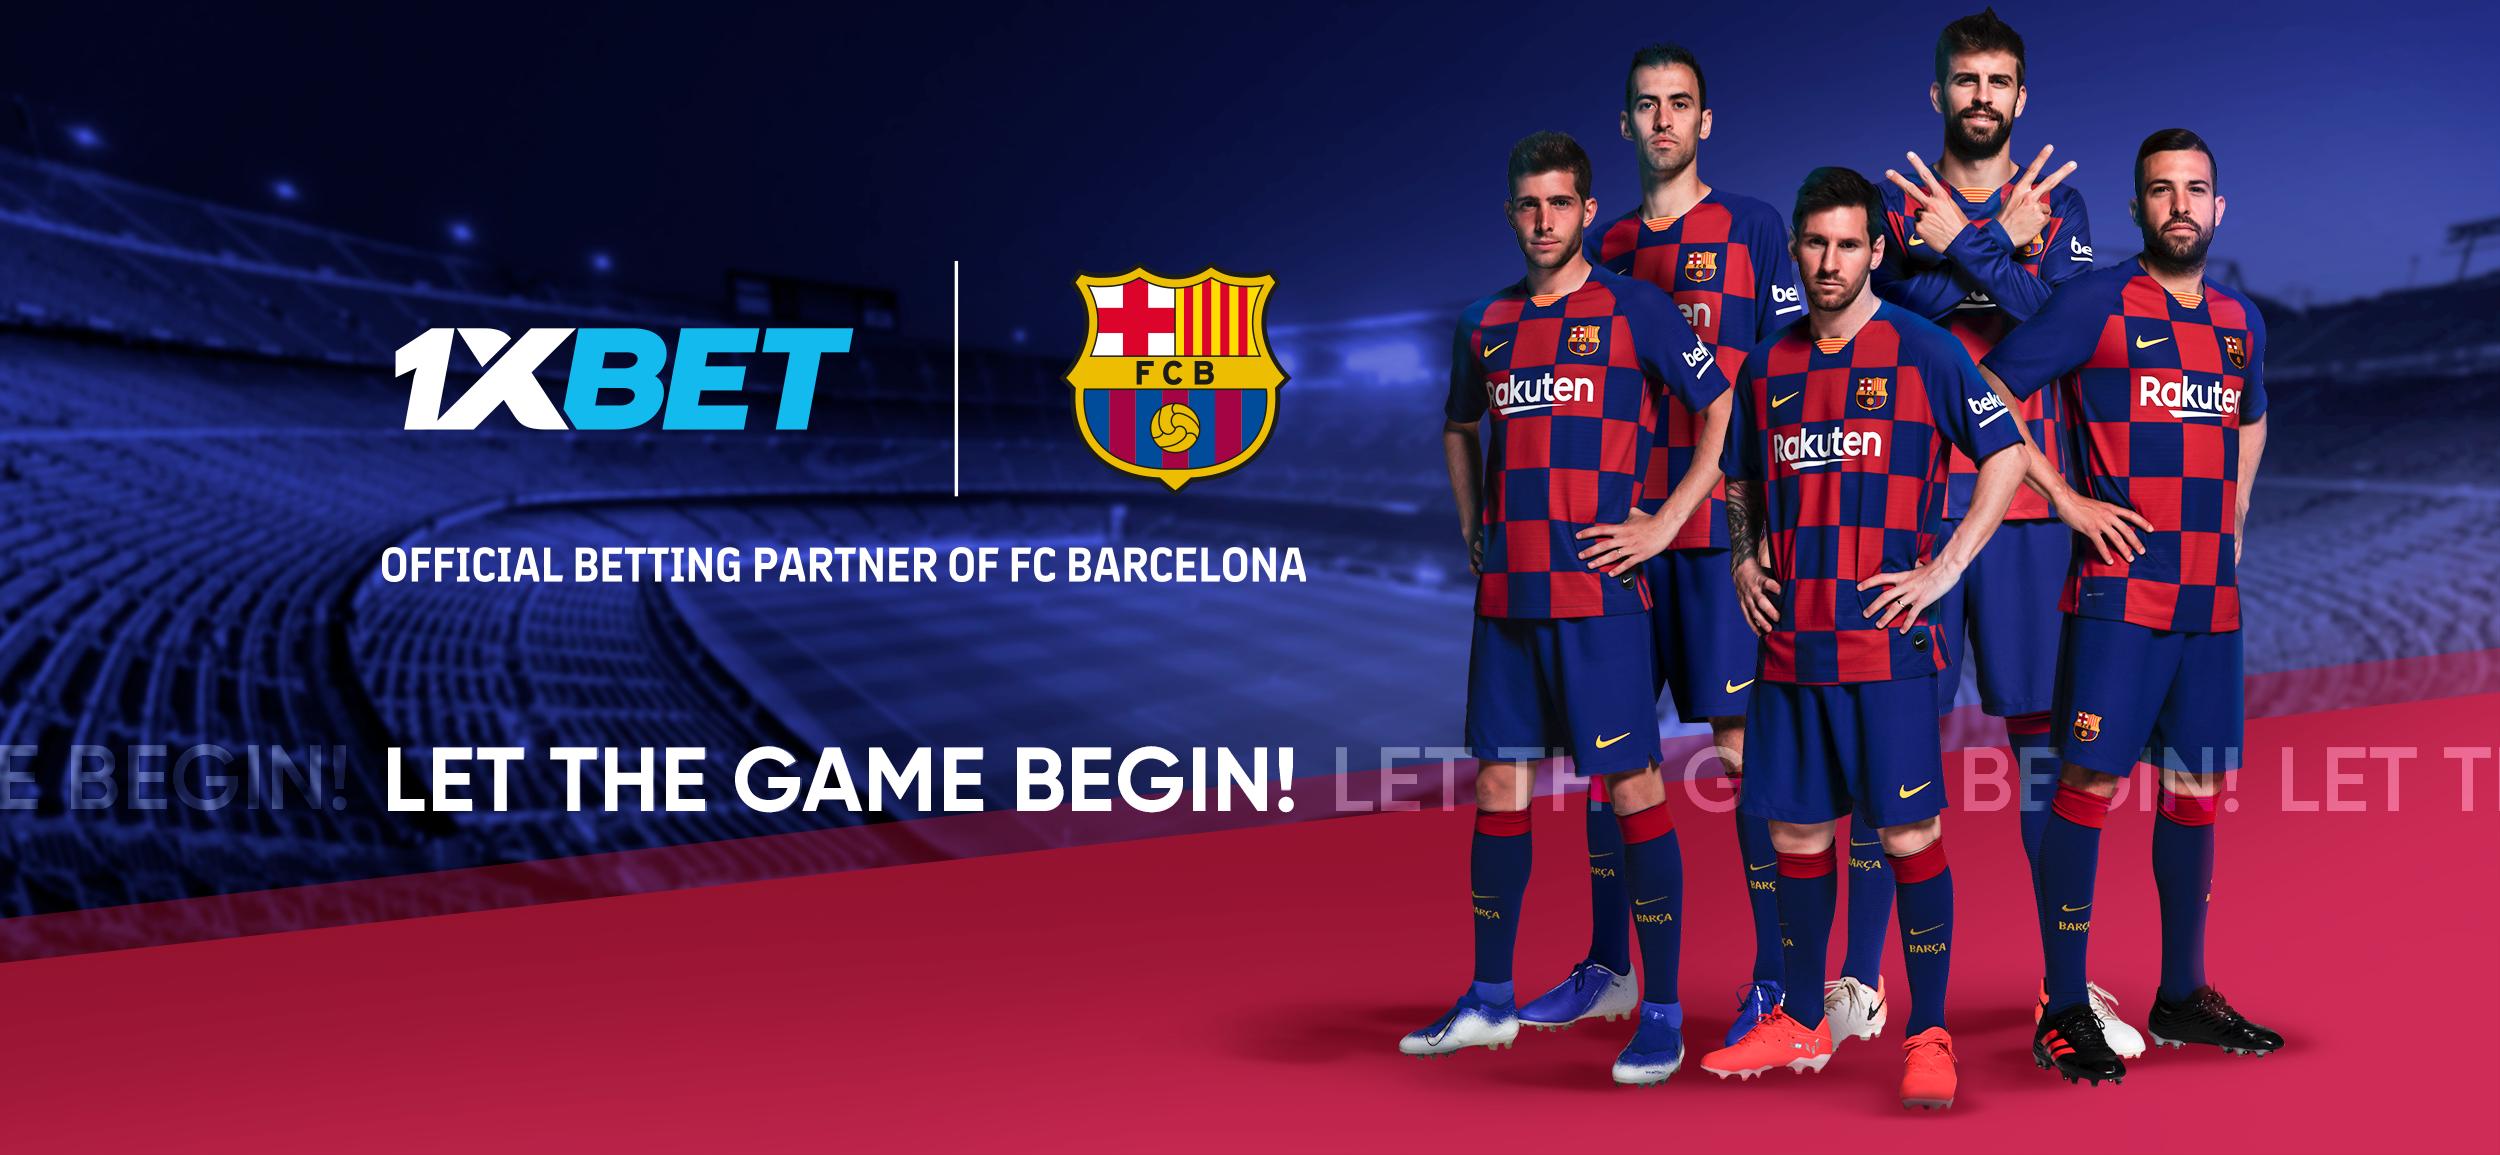 1xBet conclu un accord avec FC Barcelone et devient partenaire global